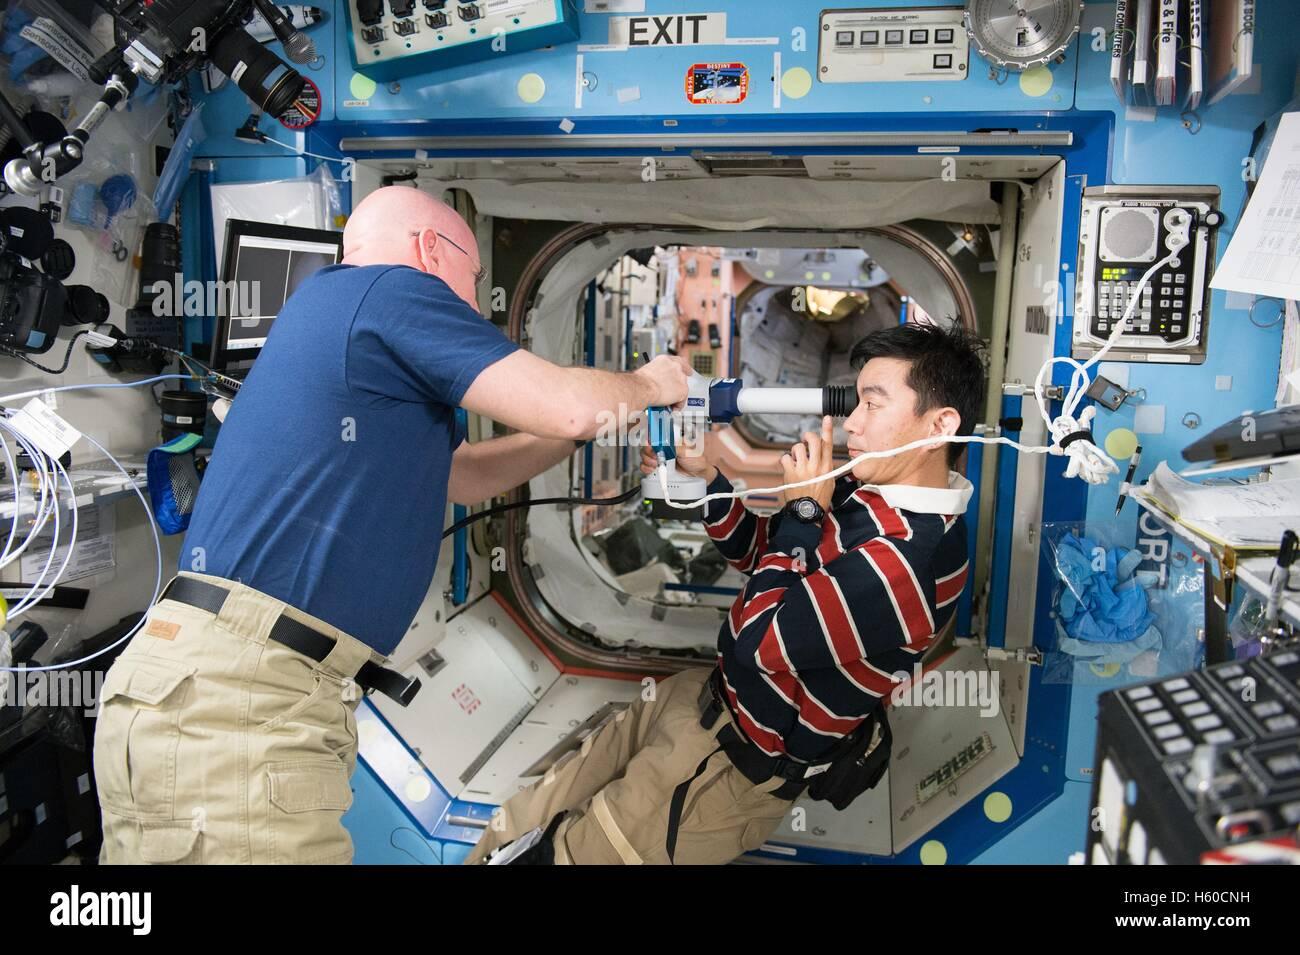 La NASA Stazione Spaziale Internazionale Expedition 44 astronauta missione Scott Kelly assiste astronauta giapponese Immagini Stock